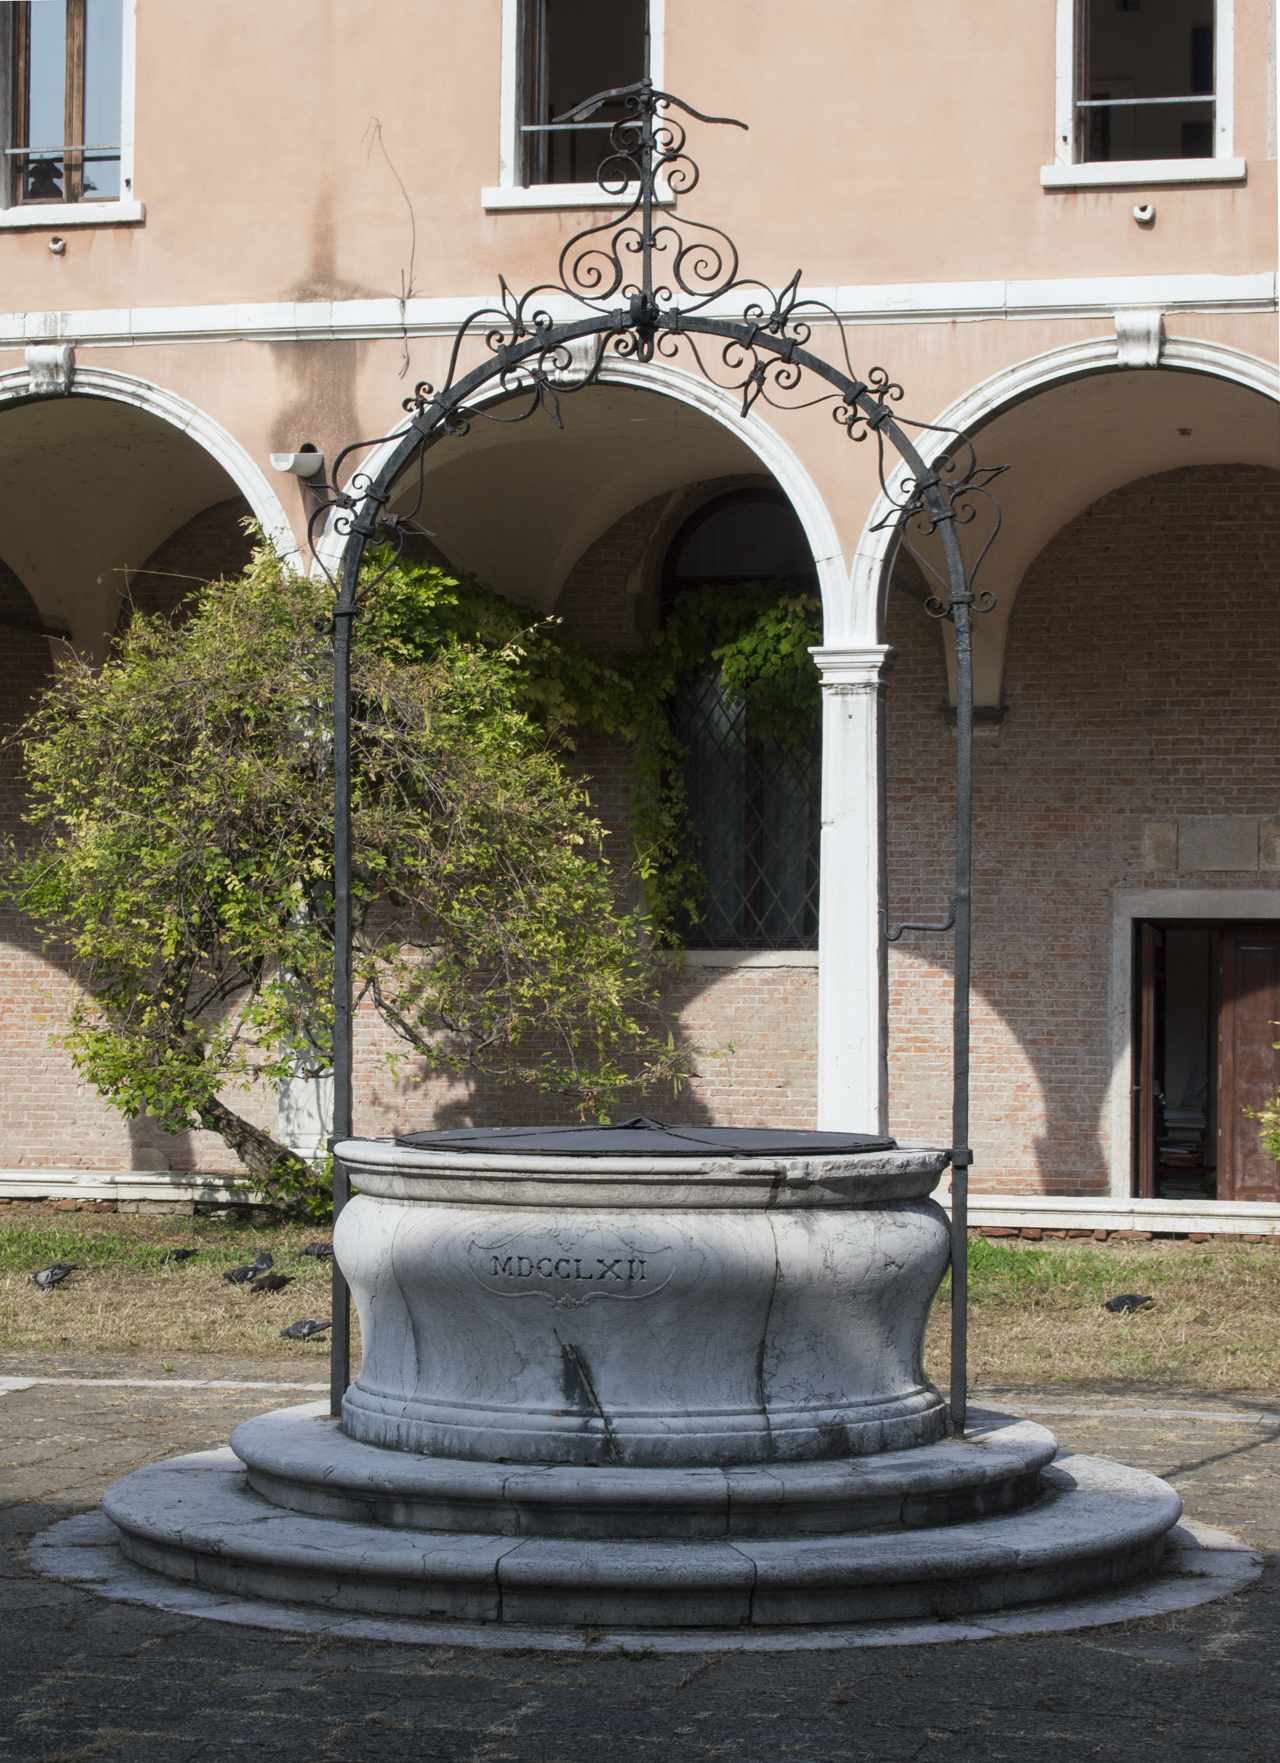 stemma dei Carmelitani (vera da pozzo, opera isolata) - ambito veneziano (terzo quarto sec. XVIII)